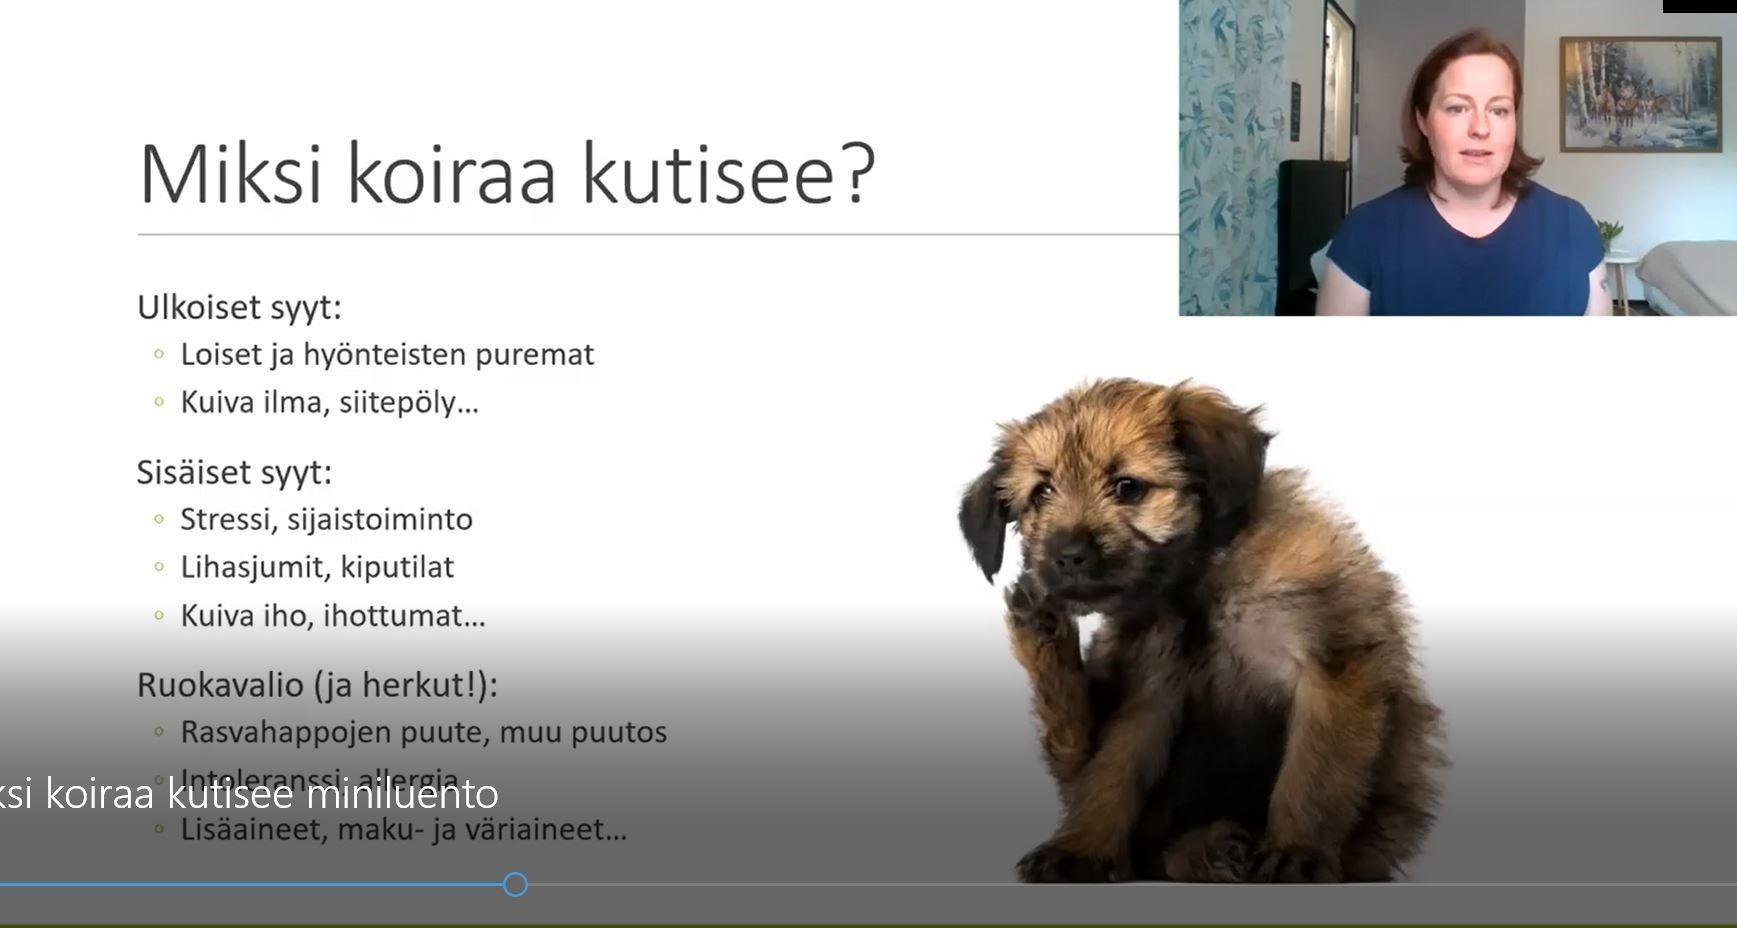 miksi koiraa kutisee? 5 tavallisinta syytä koiran kutinaan